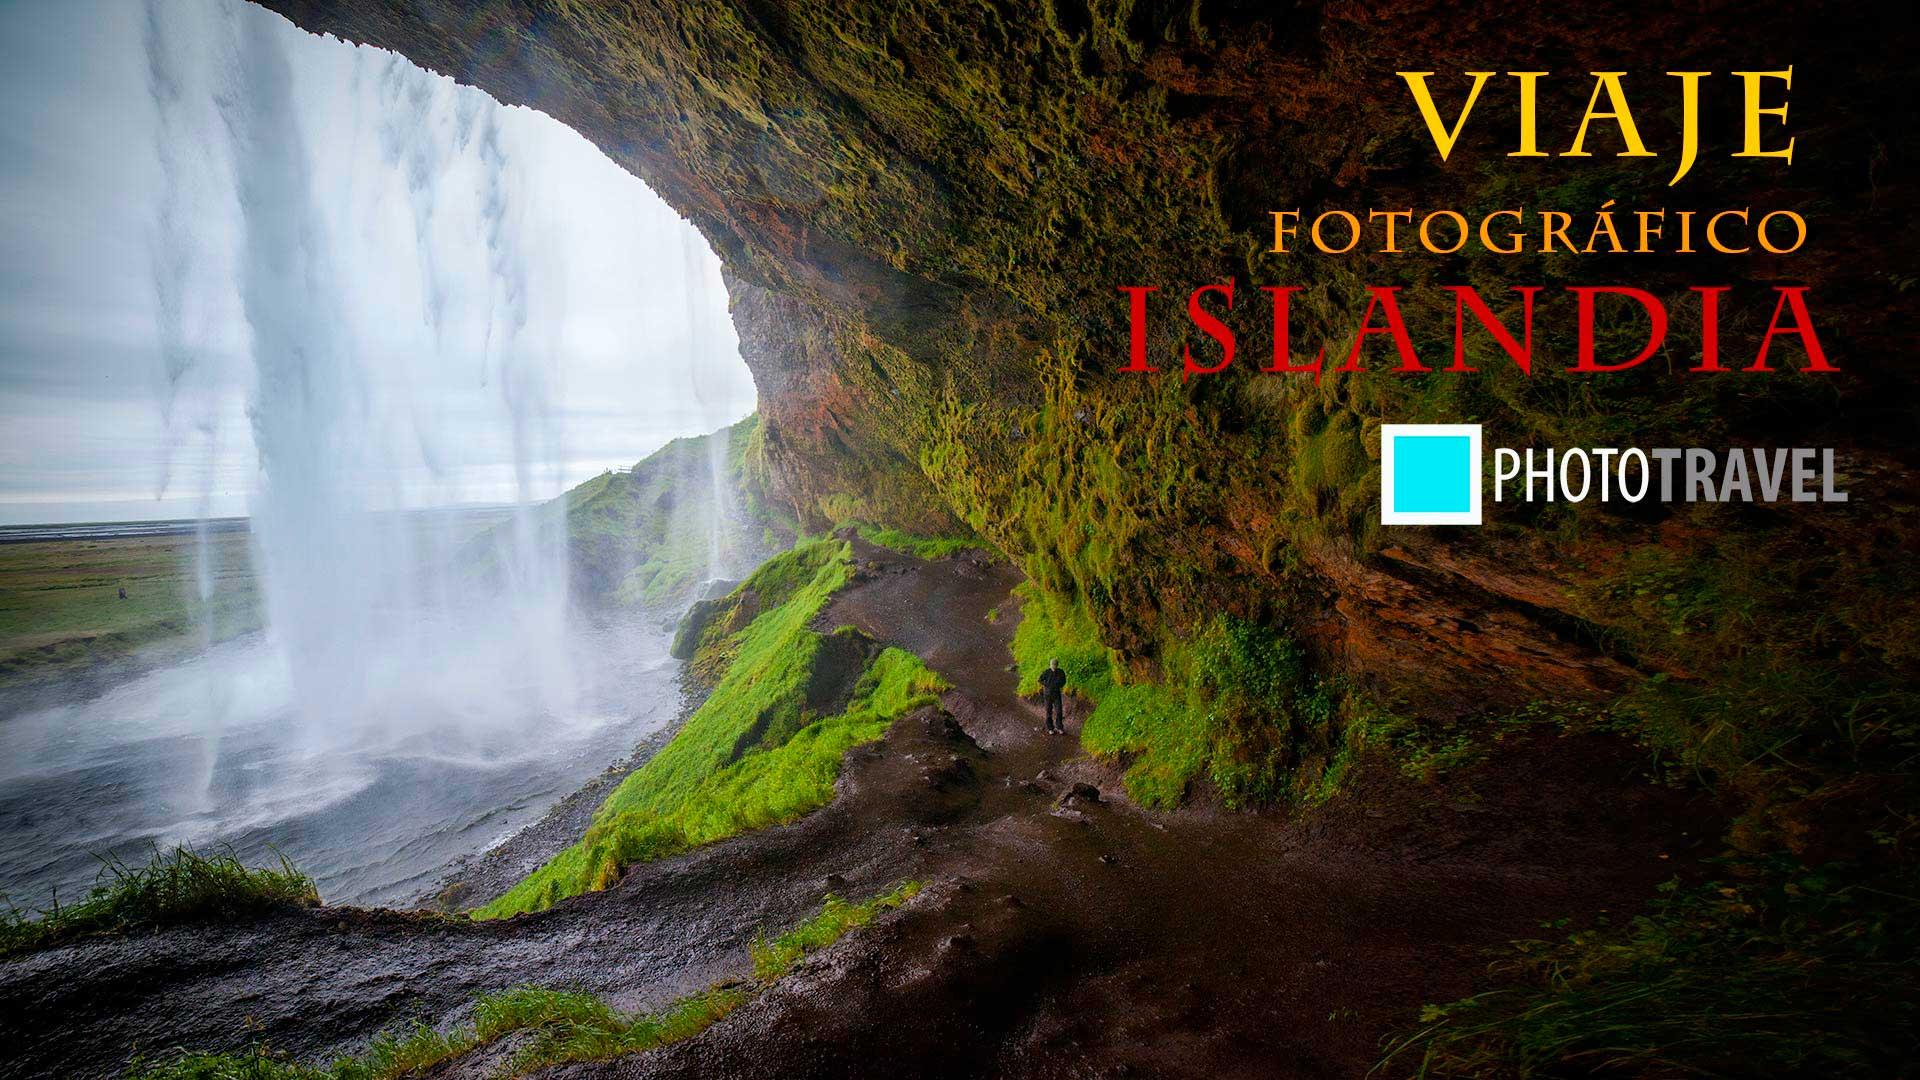 viaje-fotografico-islandia